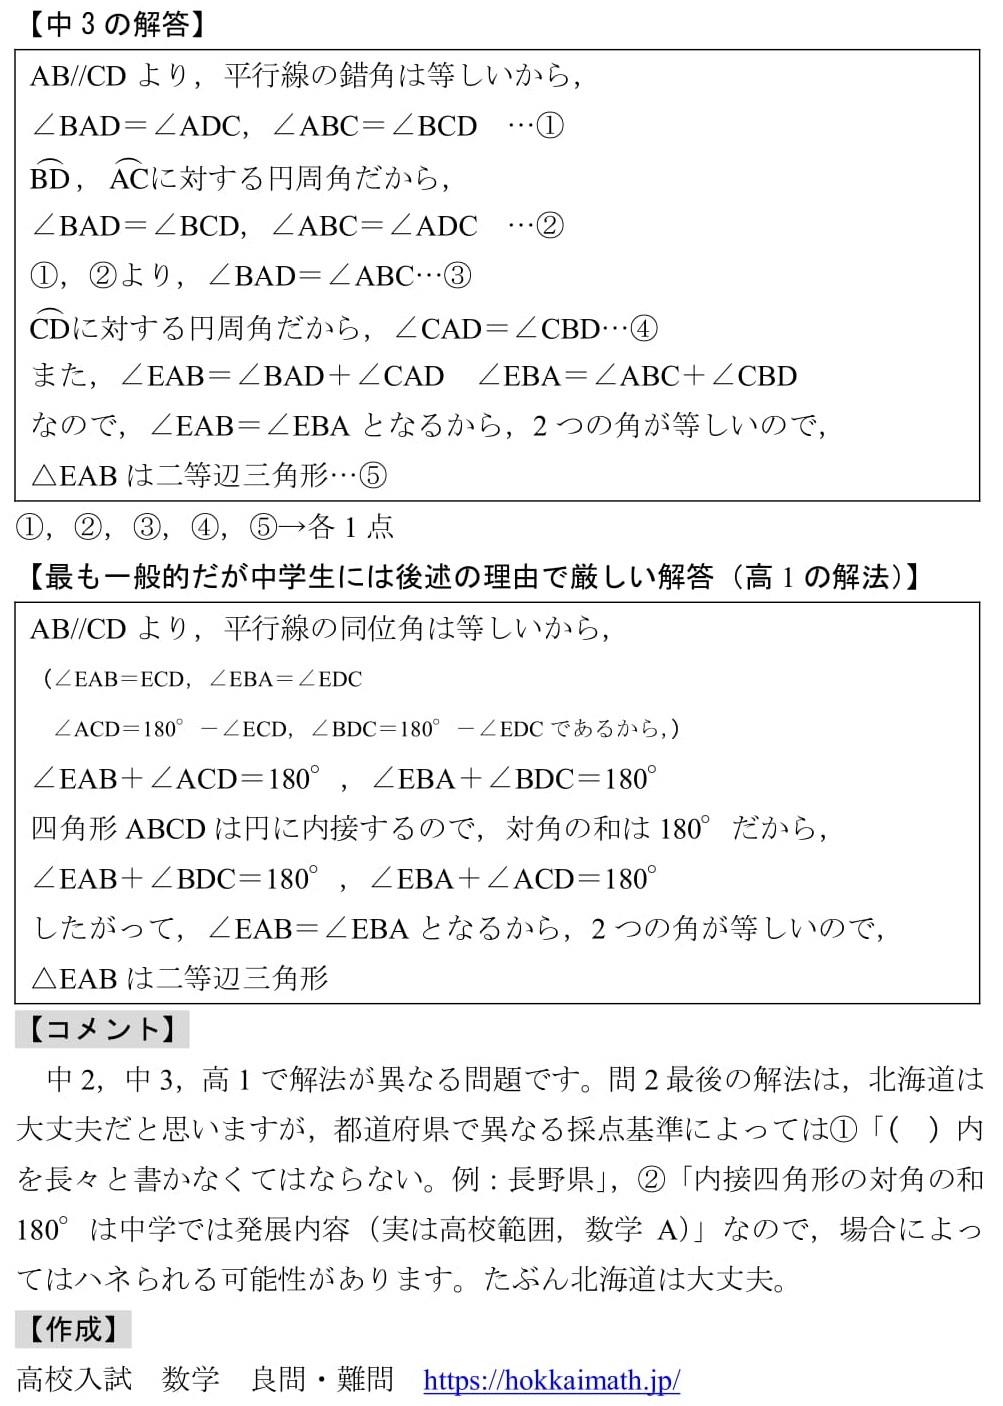 art20_tokyaku-4.jpg